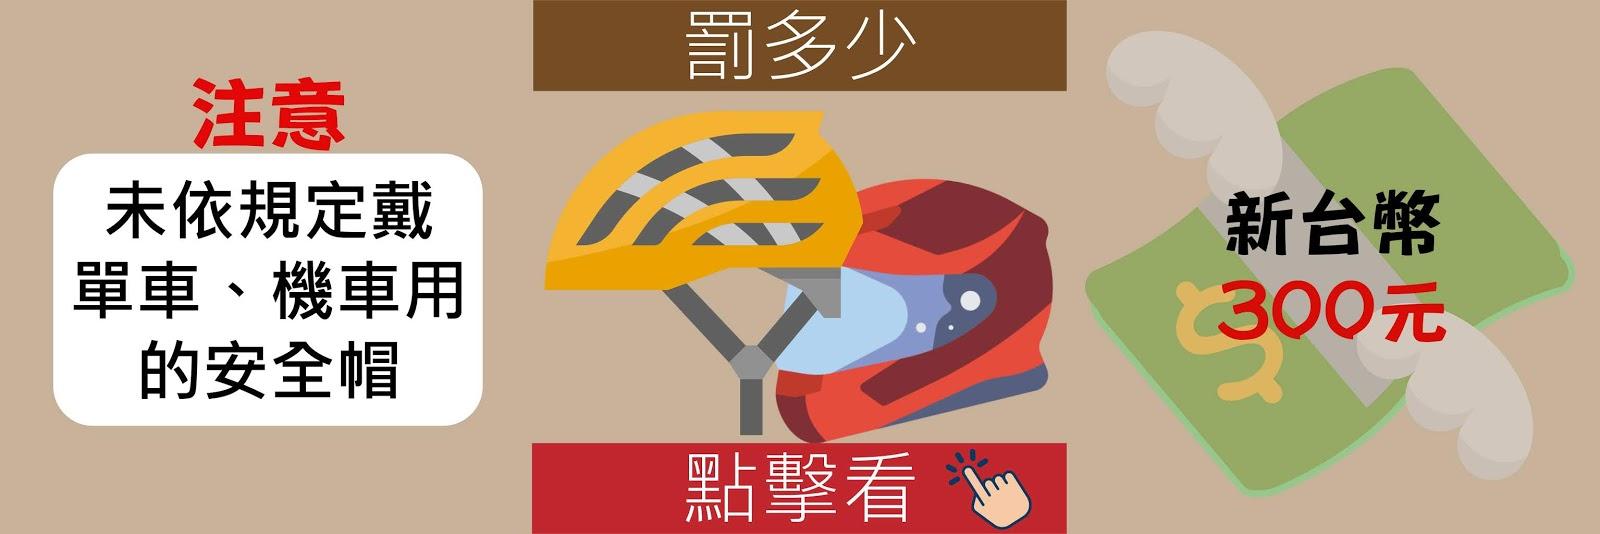 電動自行車罰款,未戴安全帽罰鍰